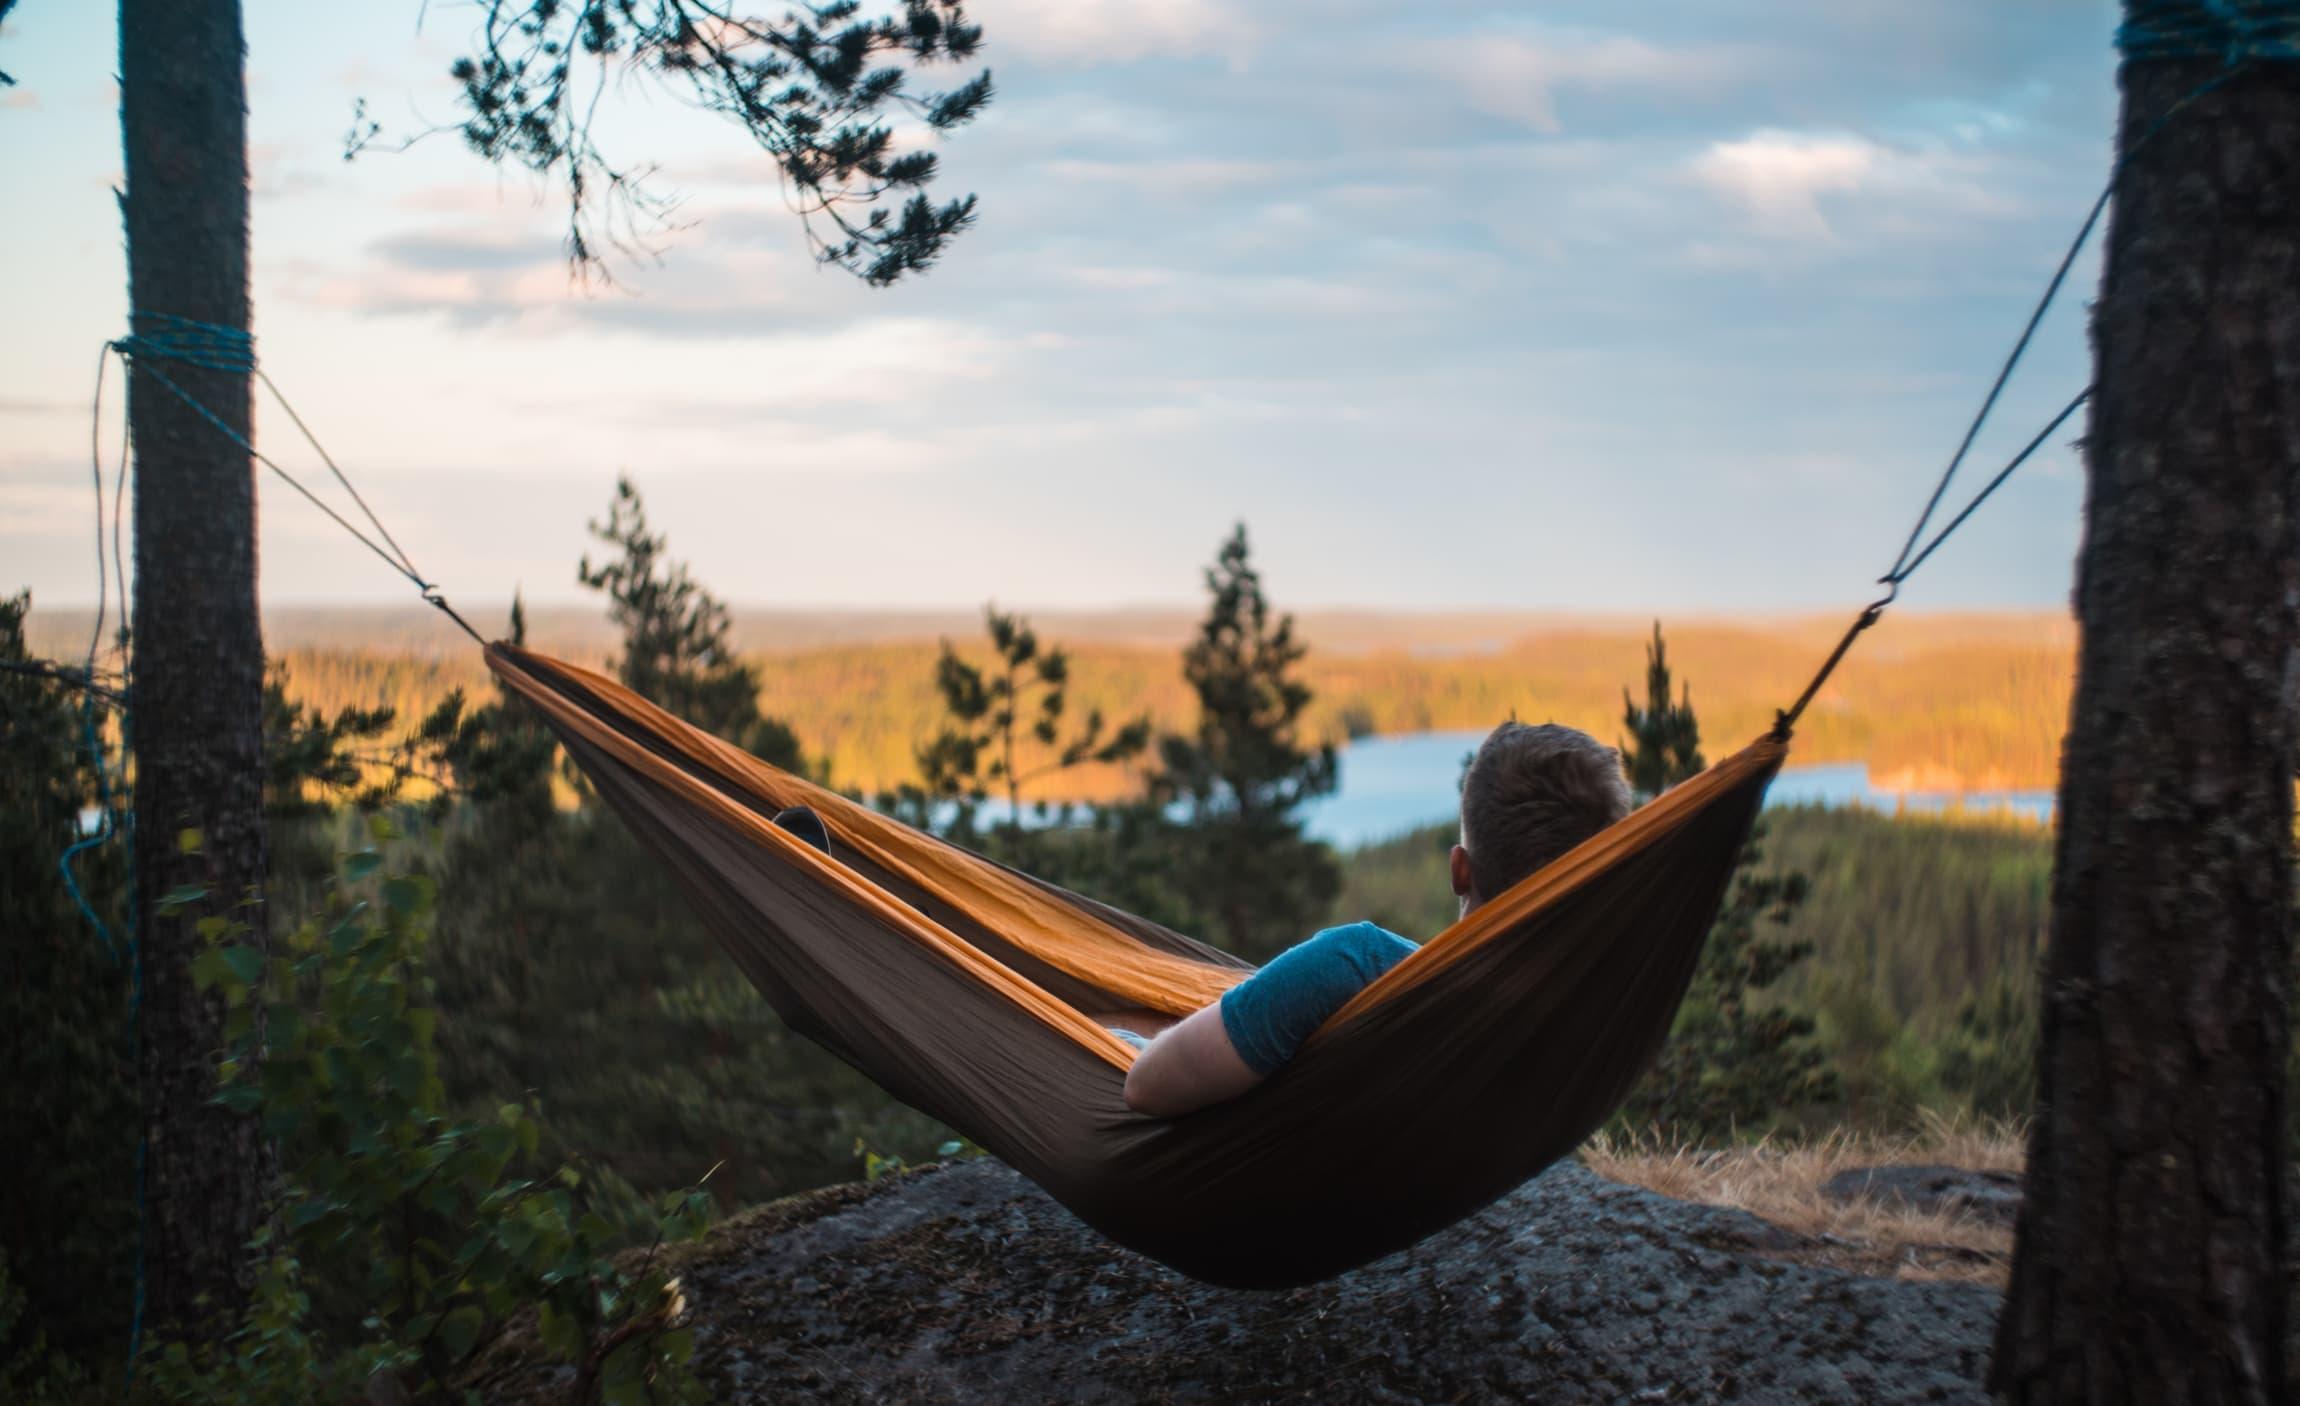 Å overnatte ute er en fin opplevelse for både store og små. Å sove i hengekøye gir en ekstra nærhet til naturen, og er et fint alternativ til å sove i telt.